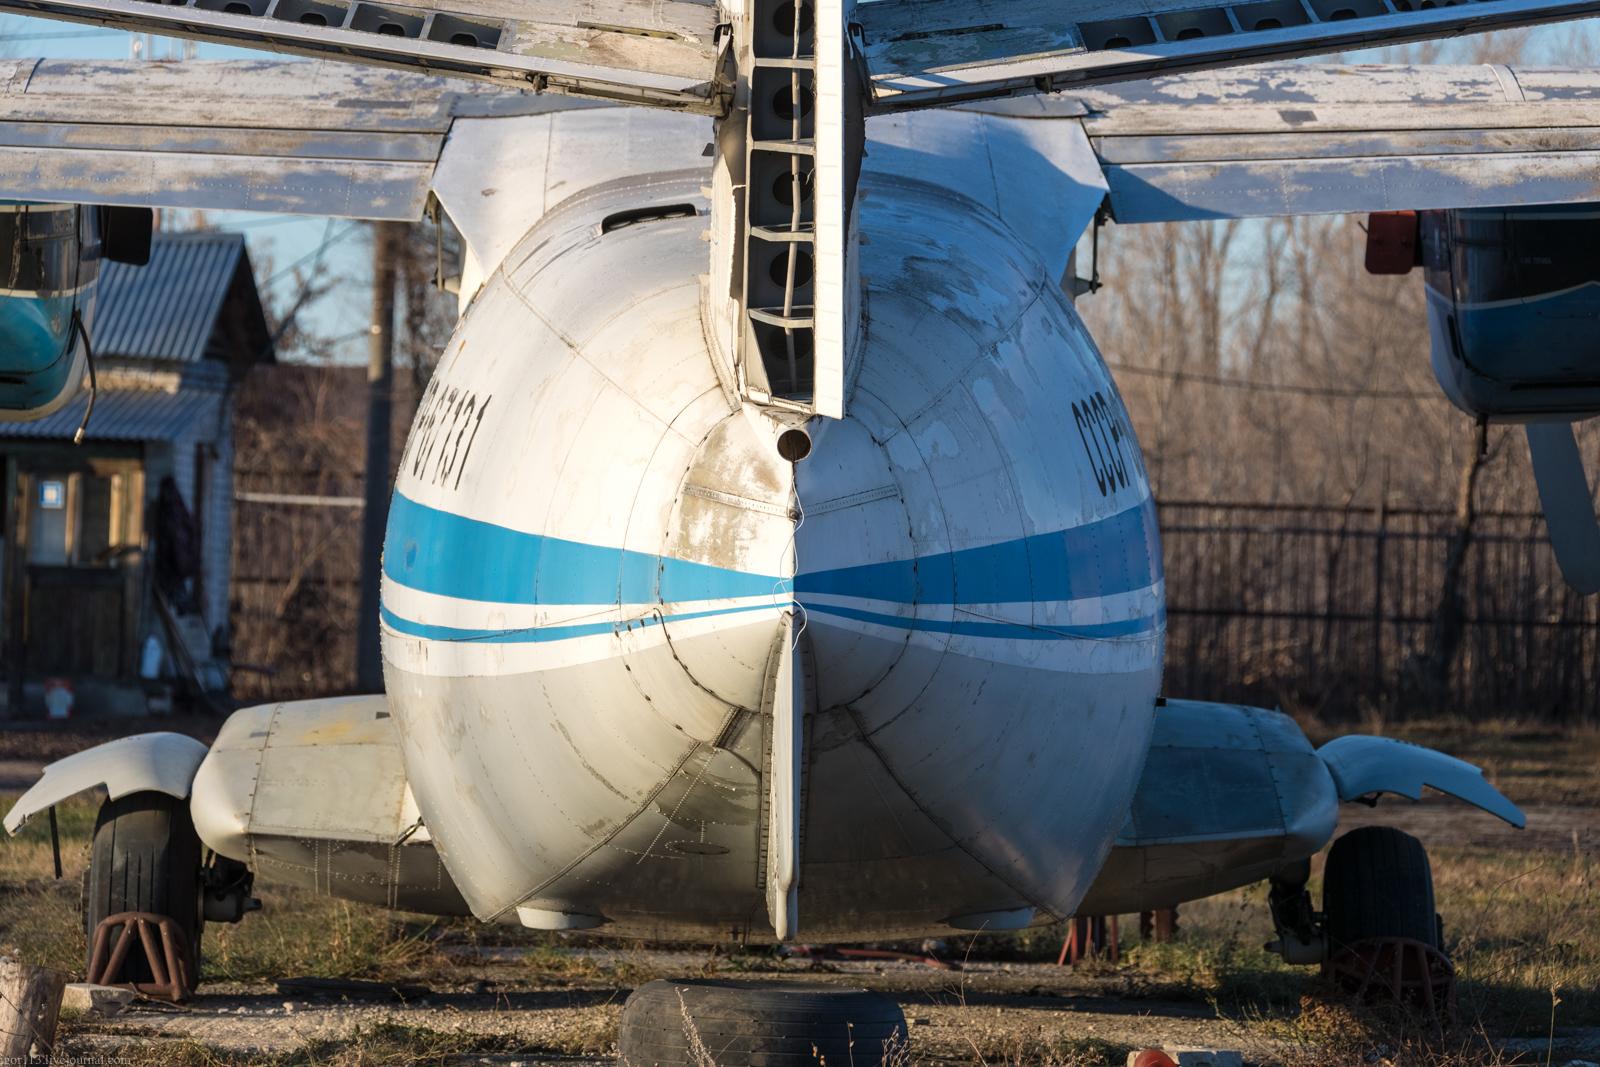 Учебный аэродром Самарского университета: самолёт для местных воздушных линий